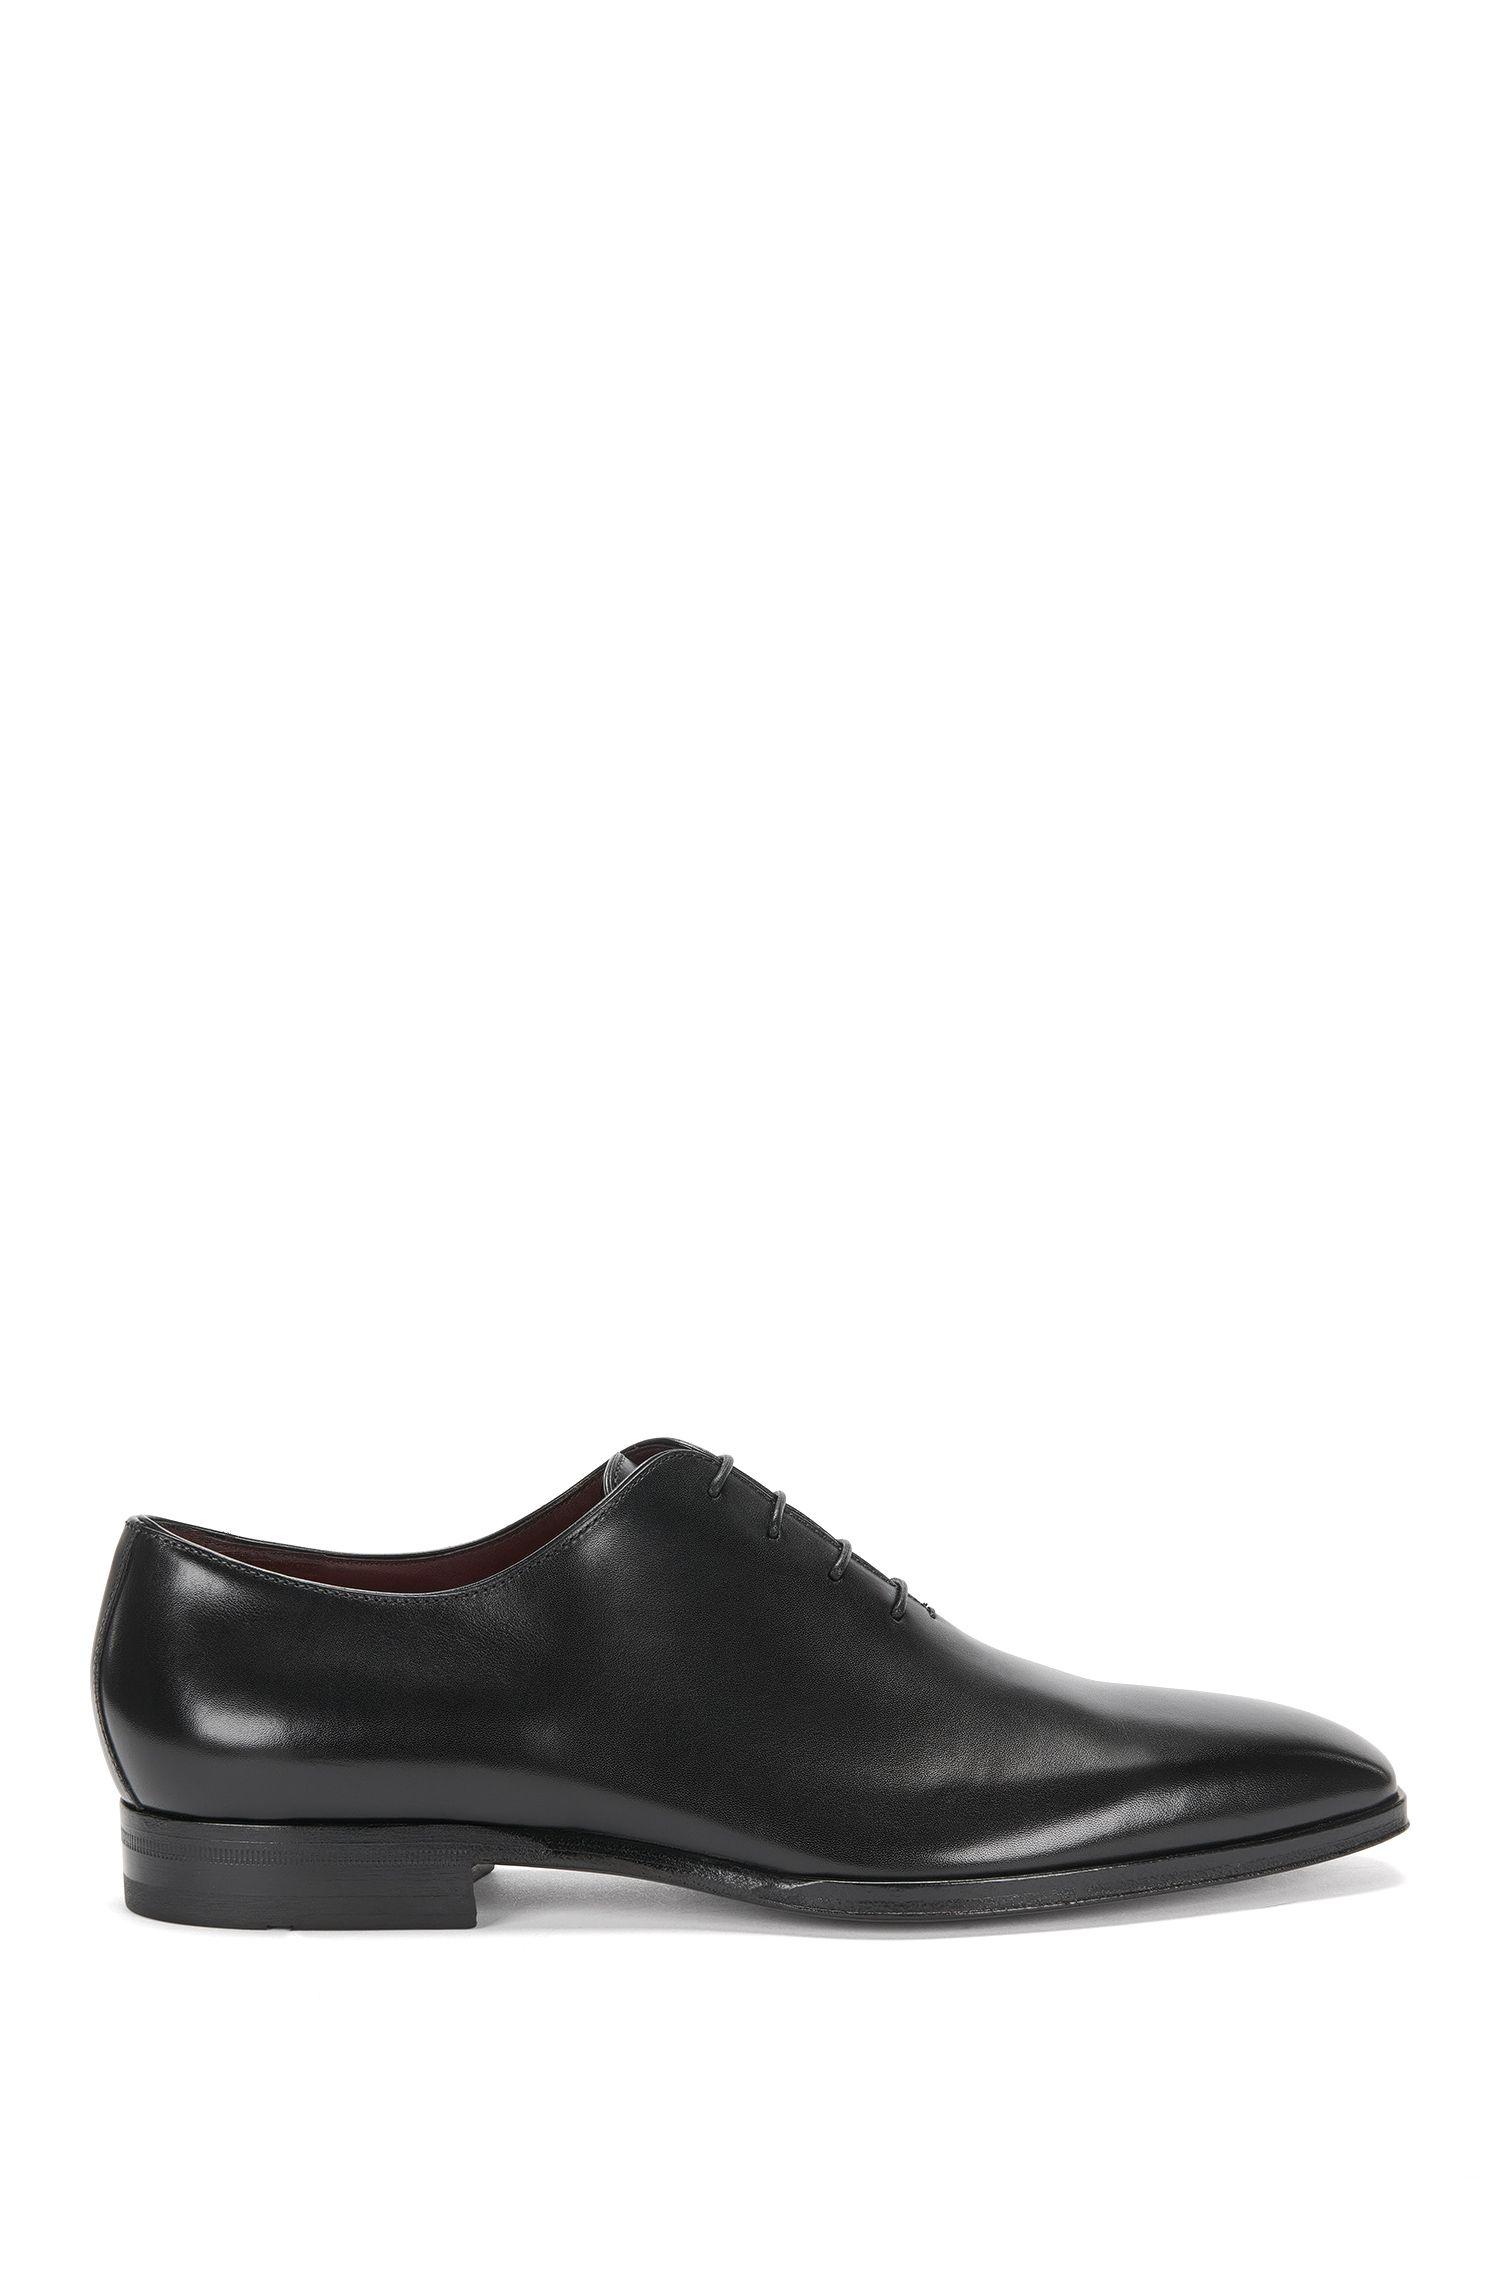 Tailored Schnürschuhe aus Leder: 'T-Club-Oxfr-ltpt'